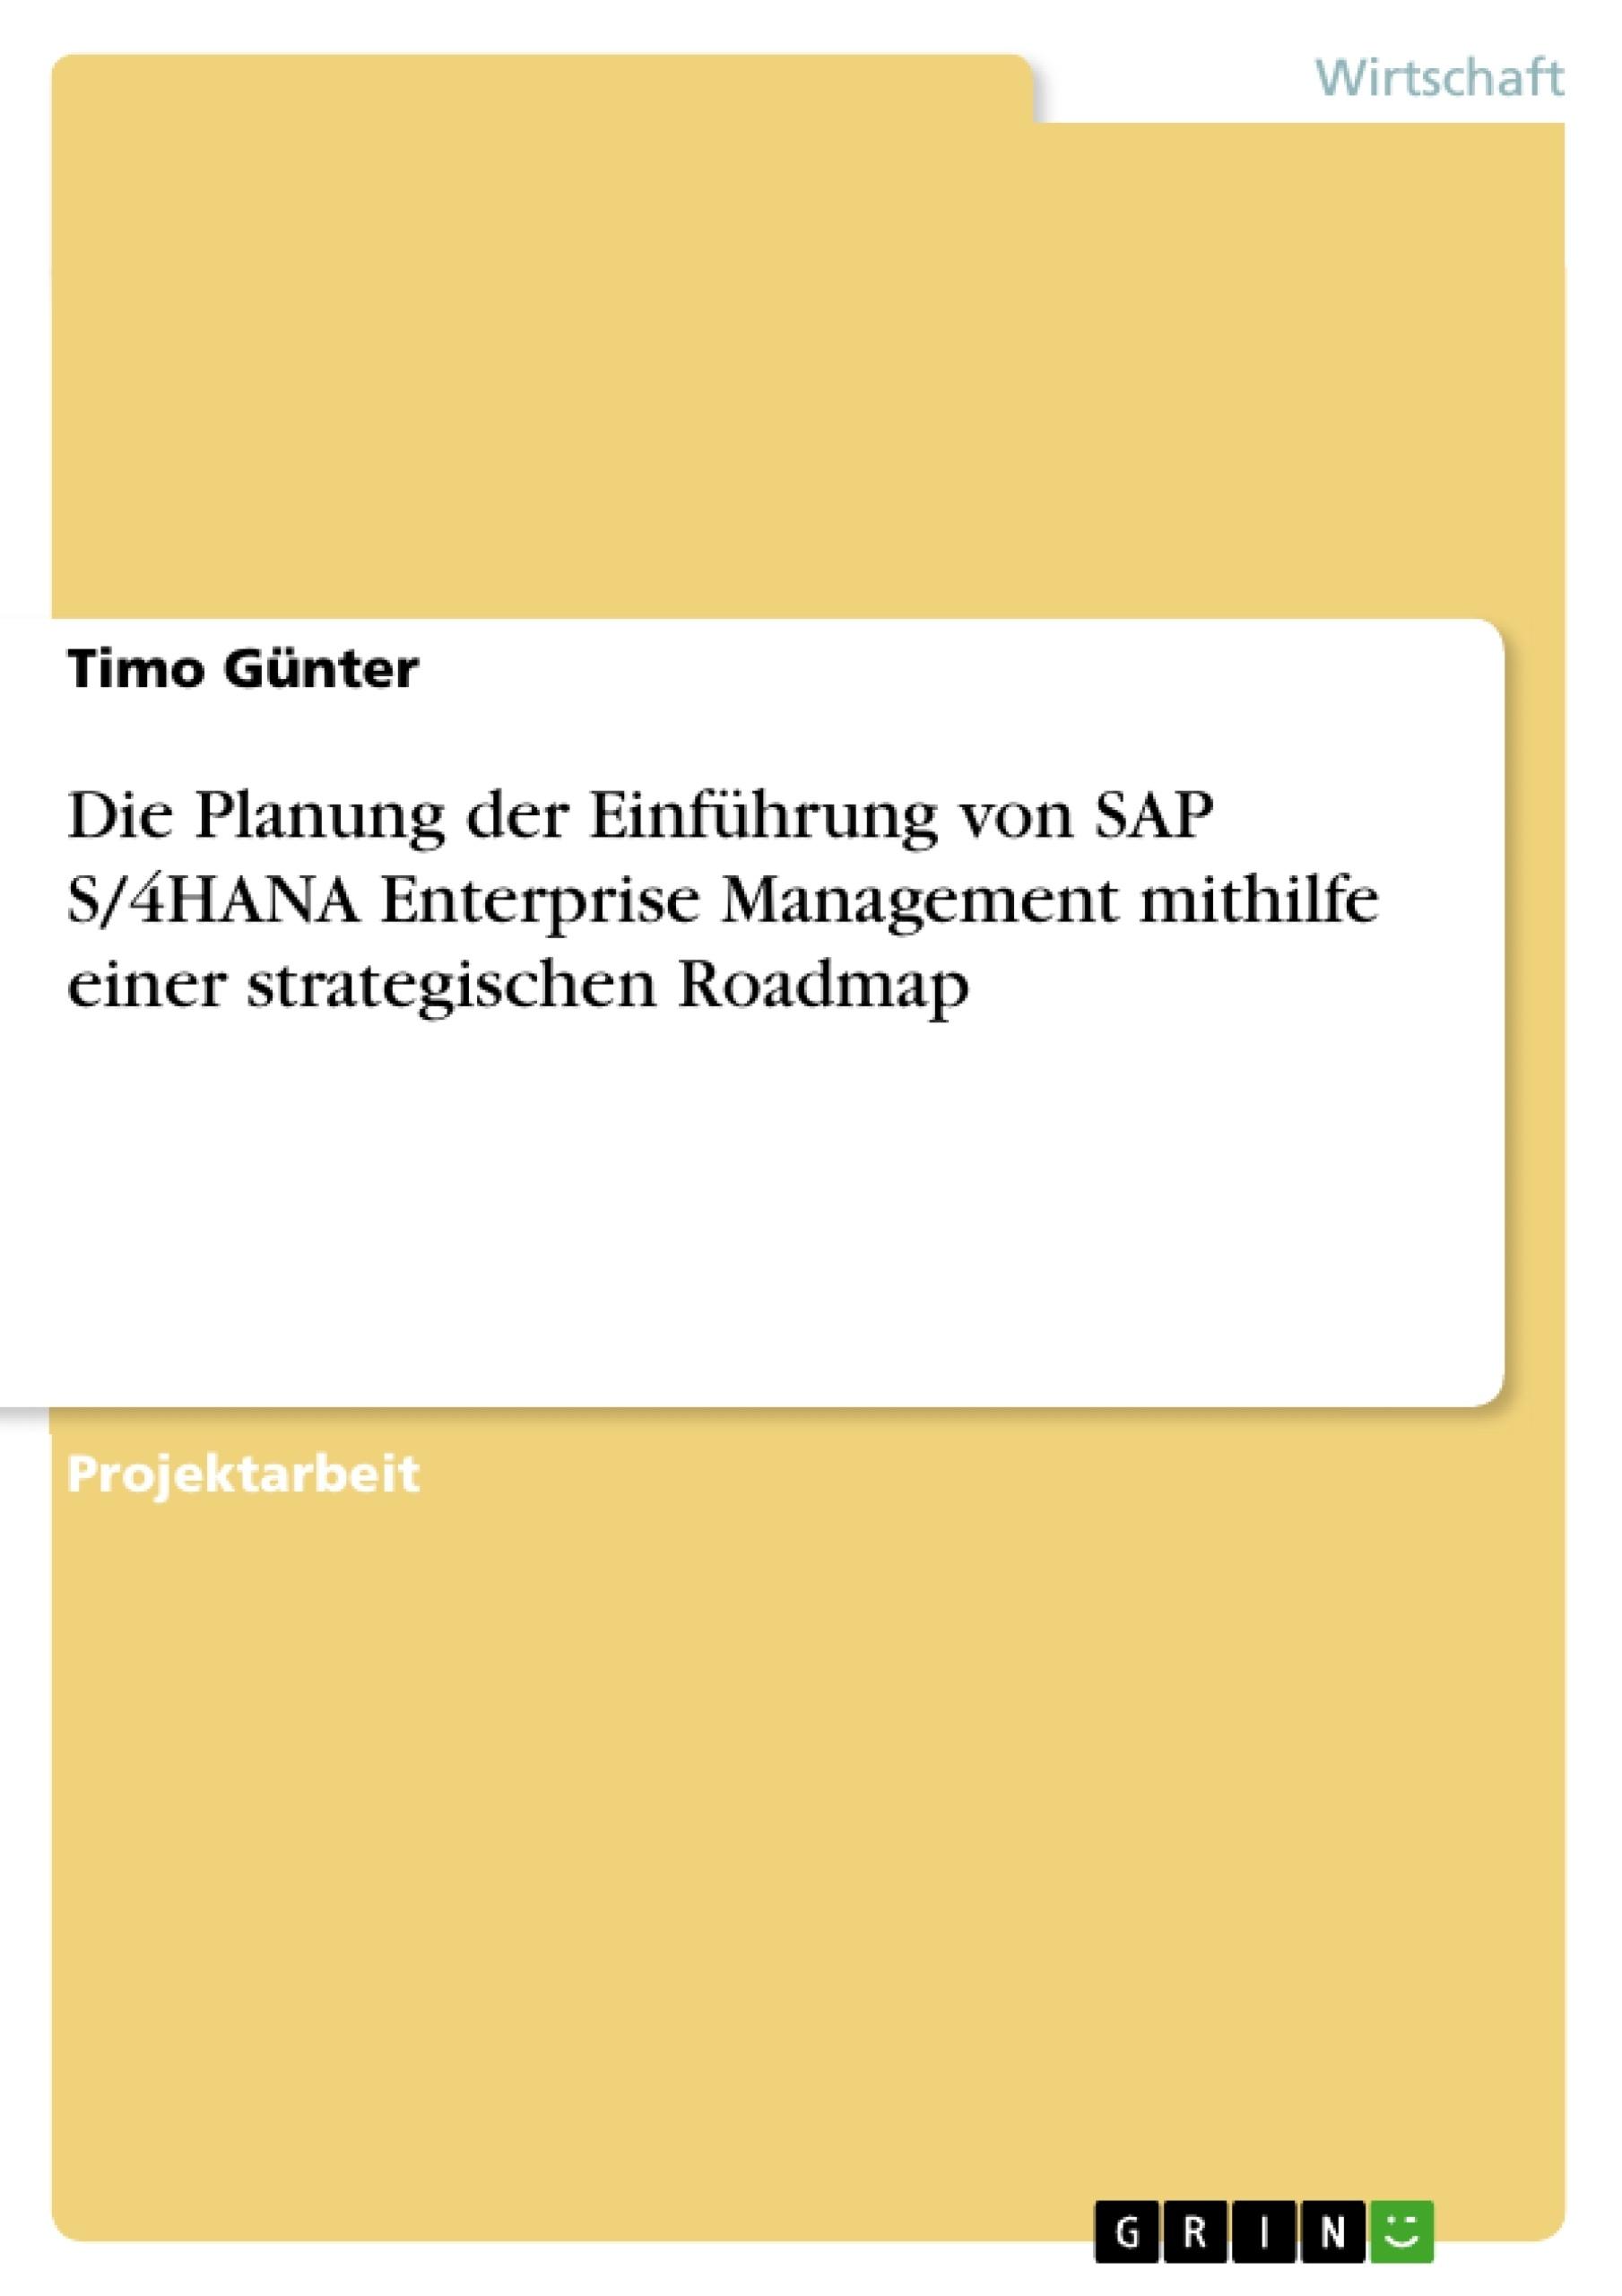 Titel: Die Planung der Einführung von SAP S/4HANA Enterprise Management mithilfe einer strategischen Roadmap